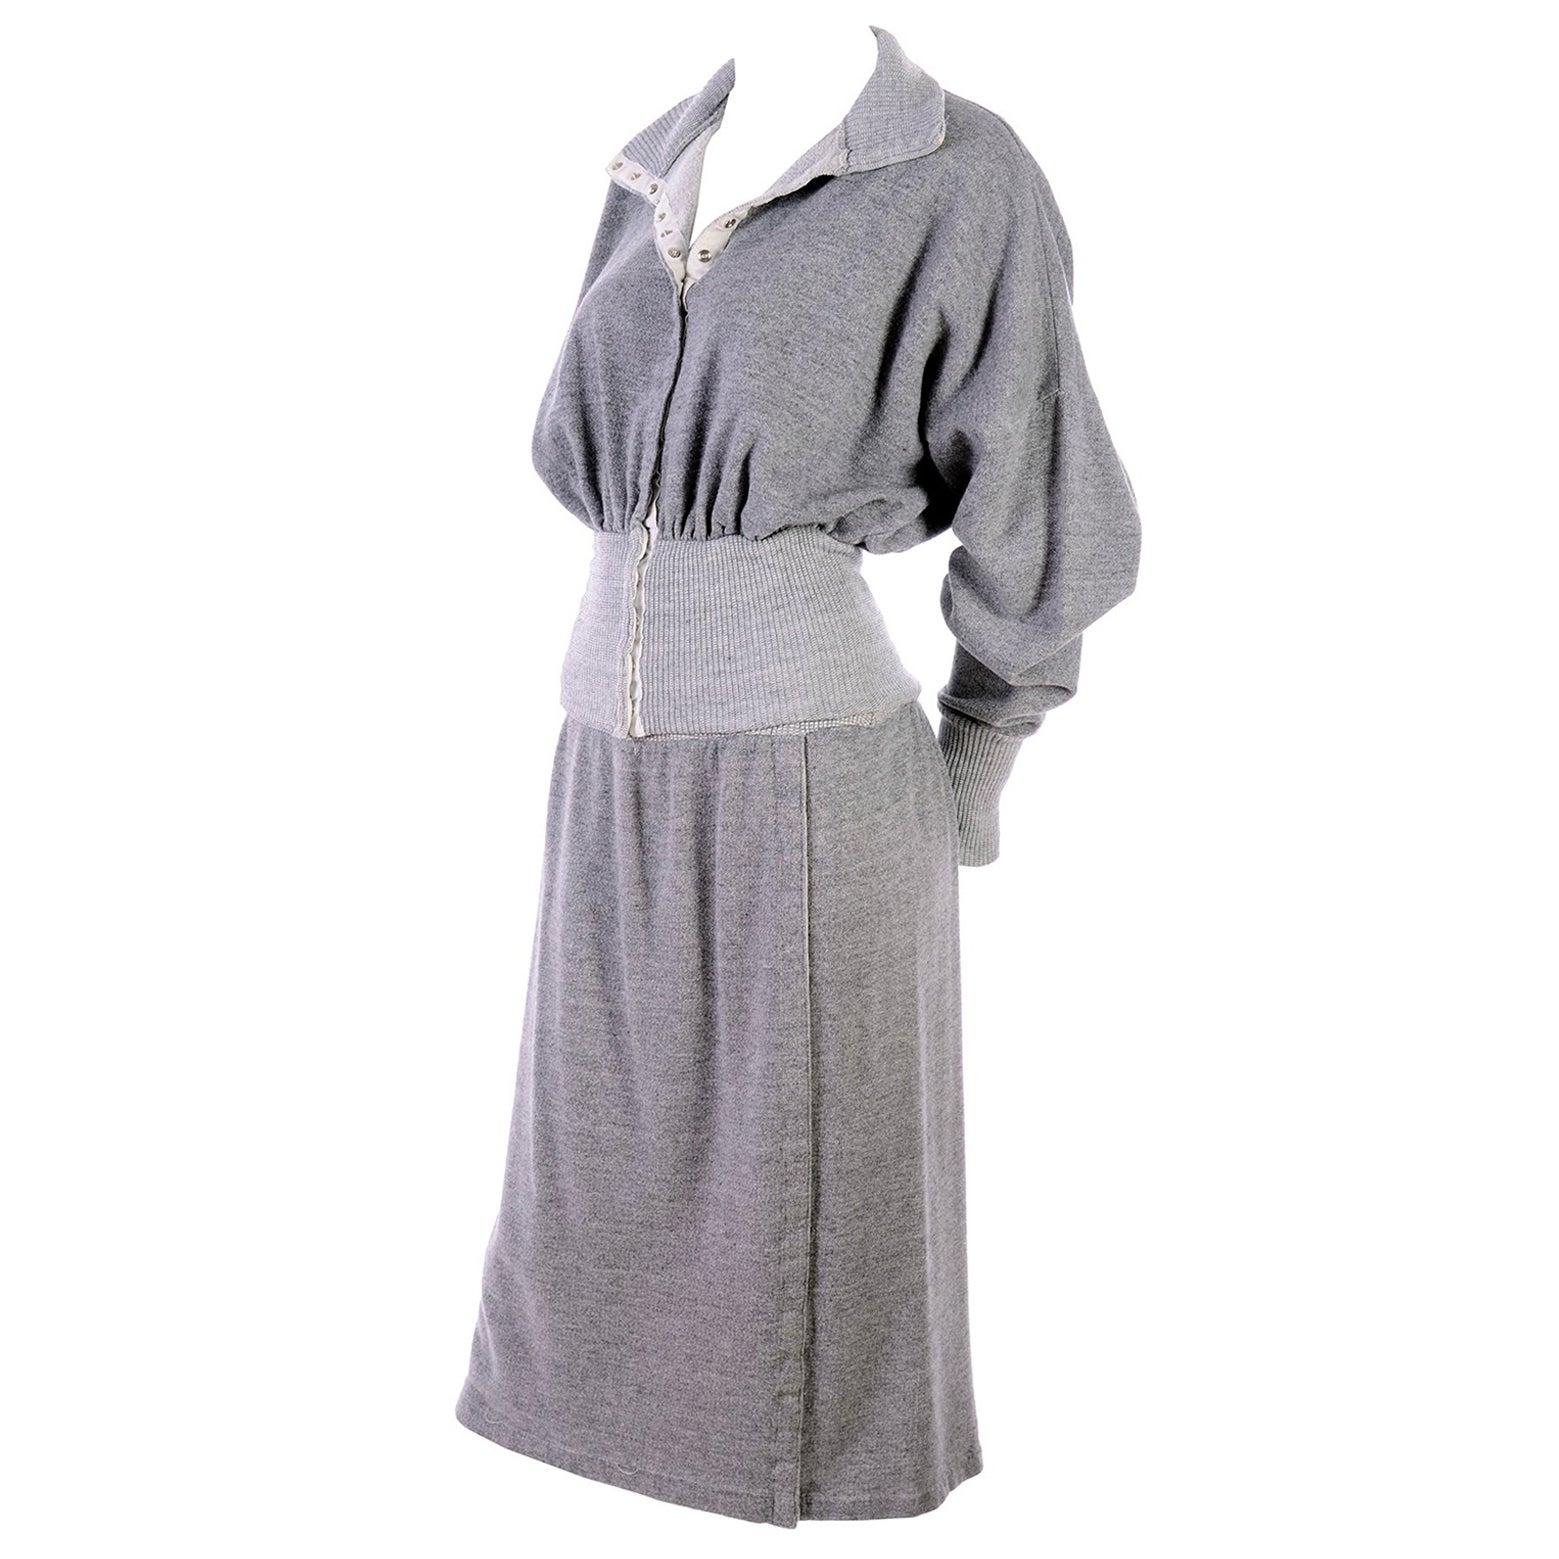 1980s Norma Kamali OMO Gray Fleece Sweatshirt 2 pc Dress w Skirt & Top